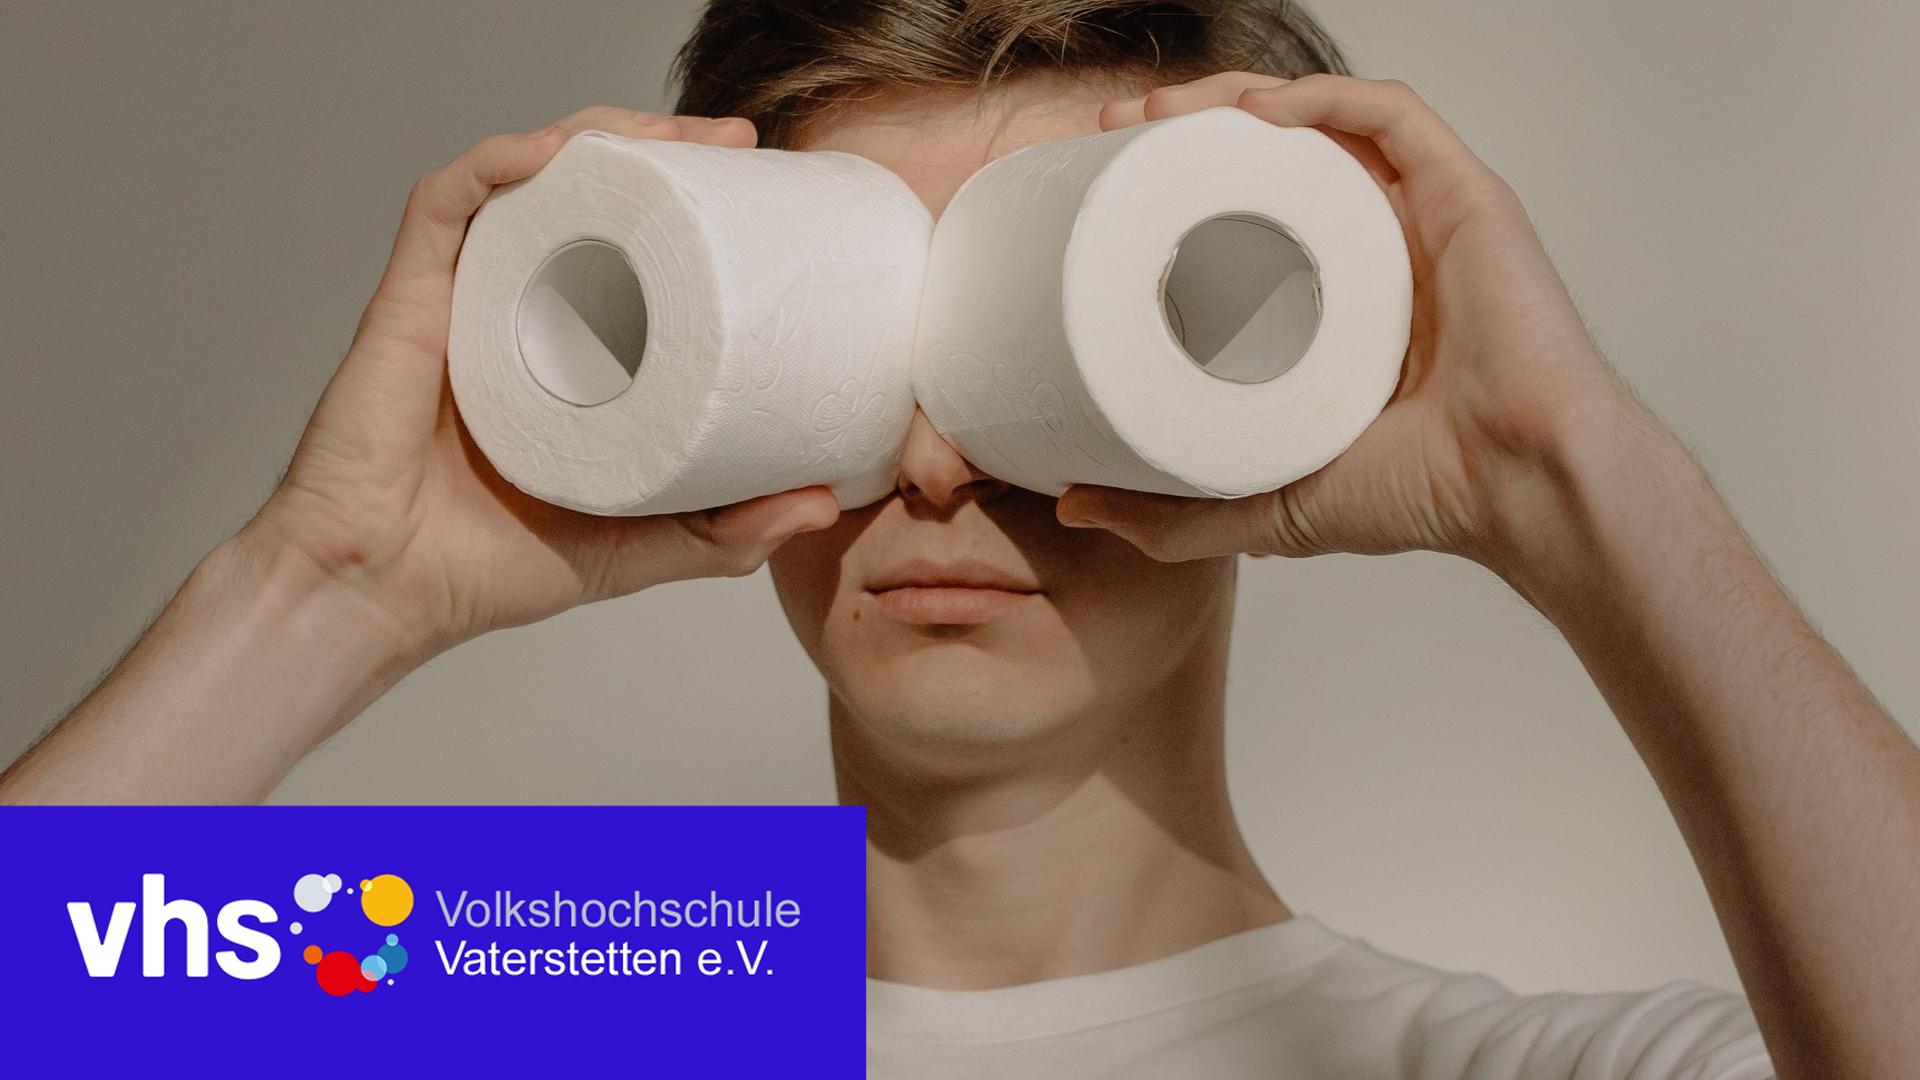 VHS Kloführung